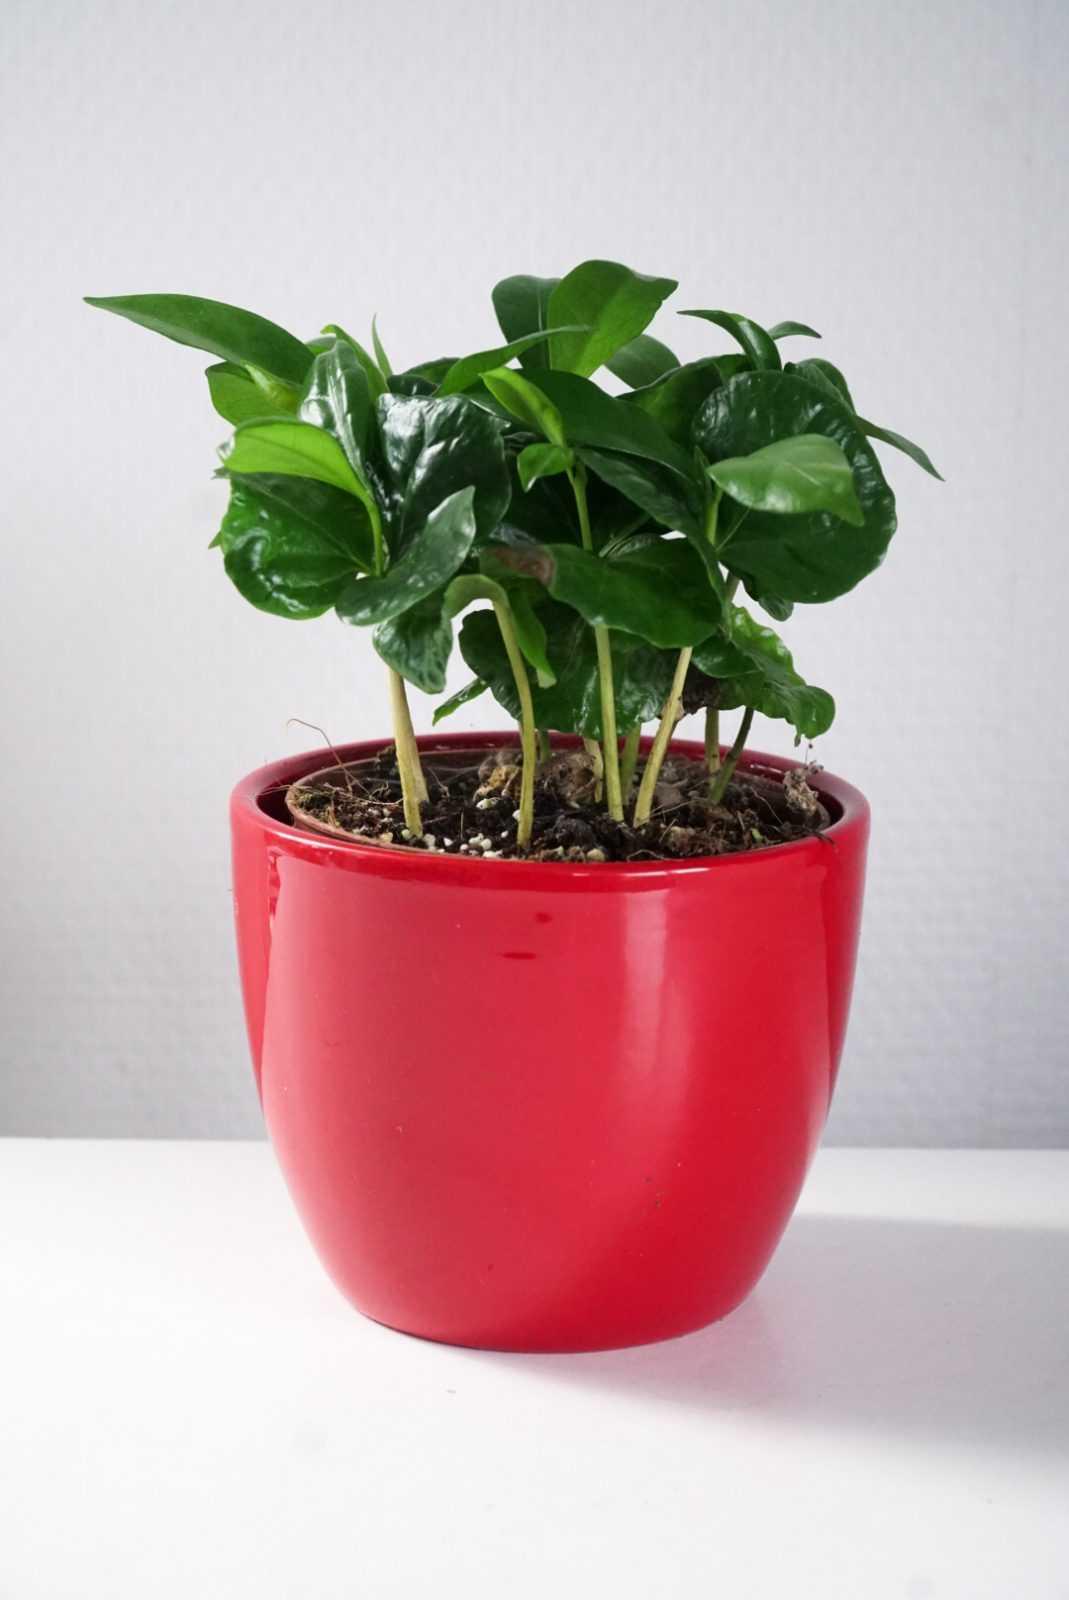 Bloempot, sierpot, kamerplant, steckje, sierpot, pot